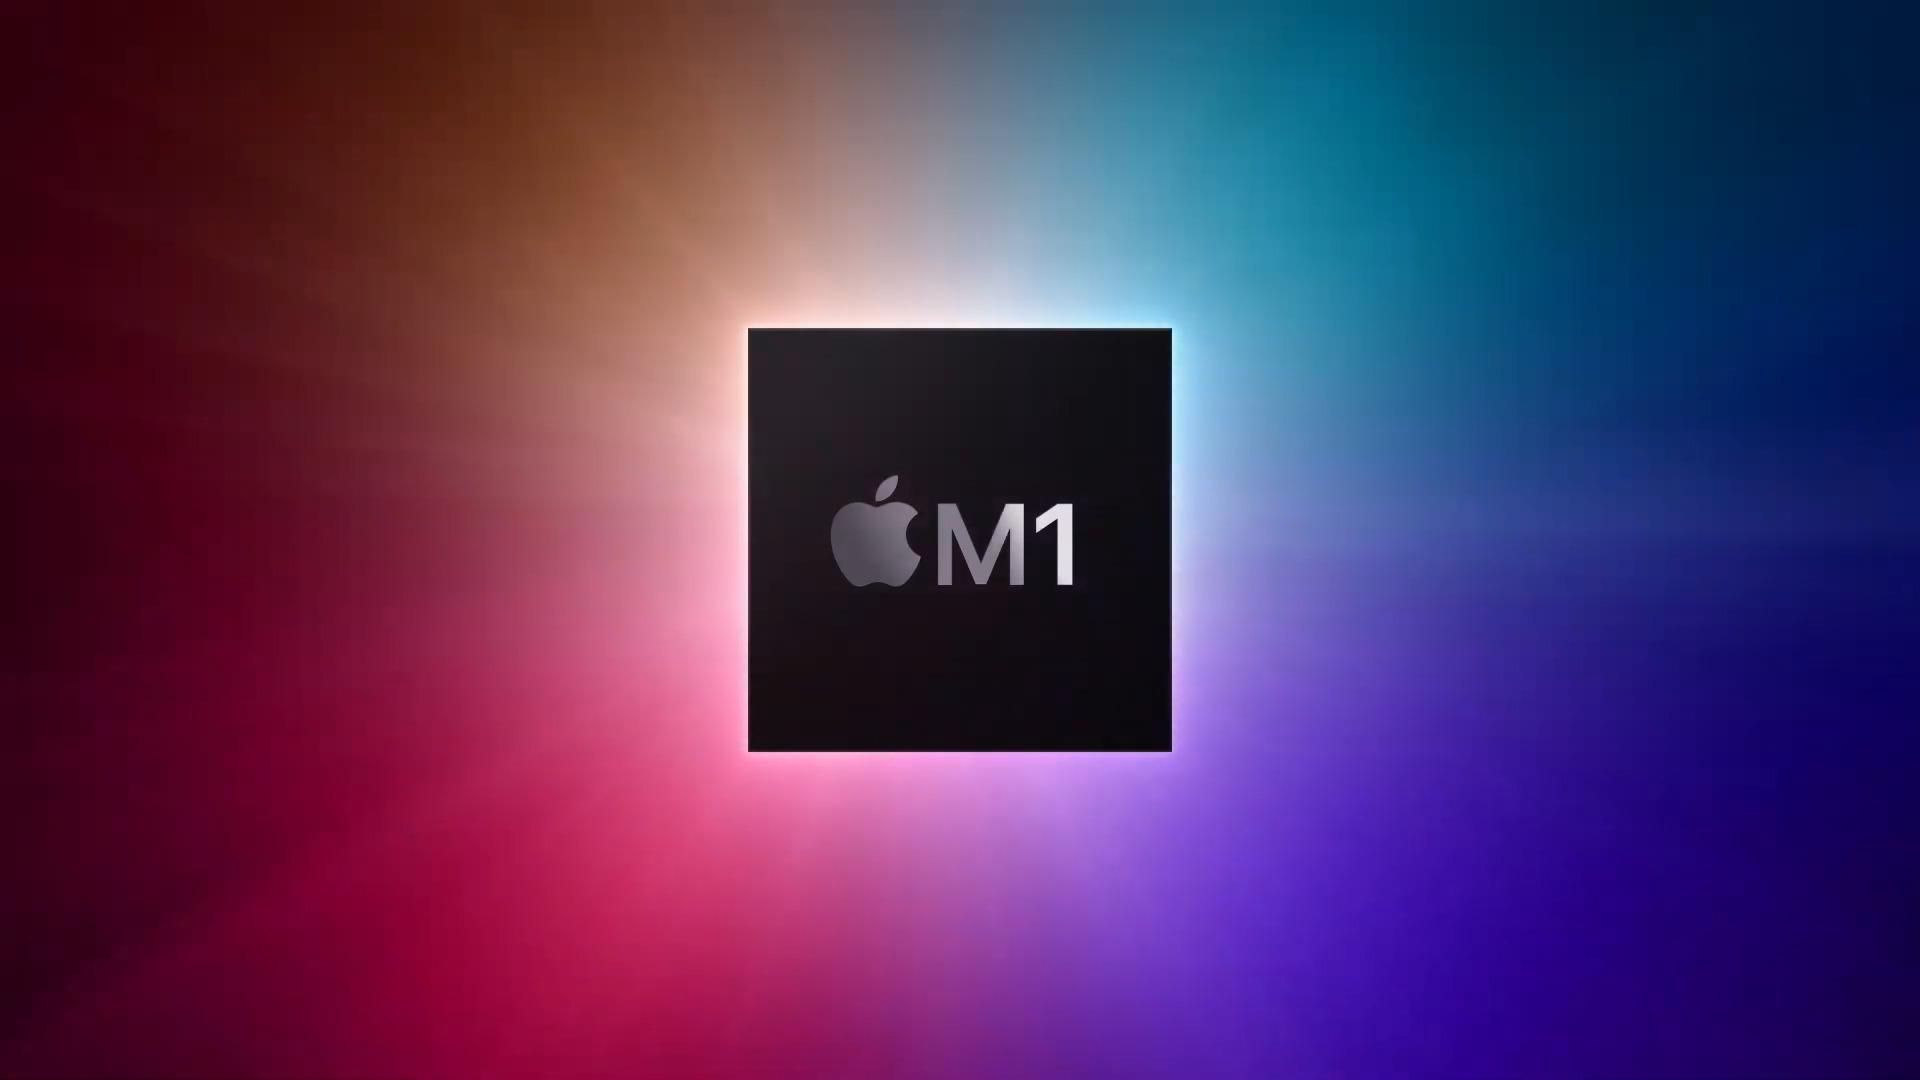 La suite Office de Microsoft est maintenant optimisée pour les nouvelles puces M1 d'Apple